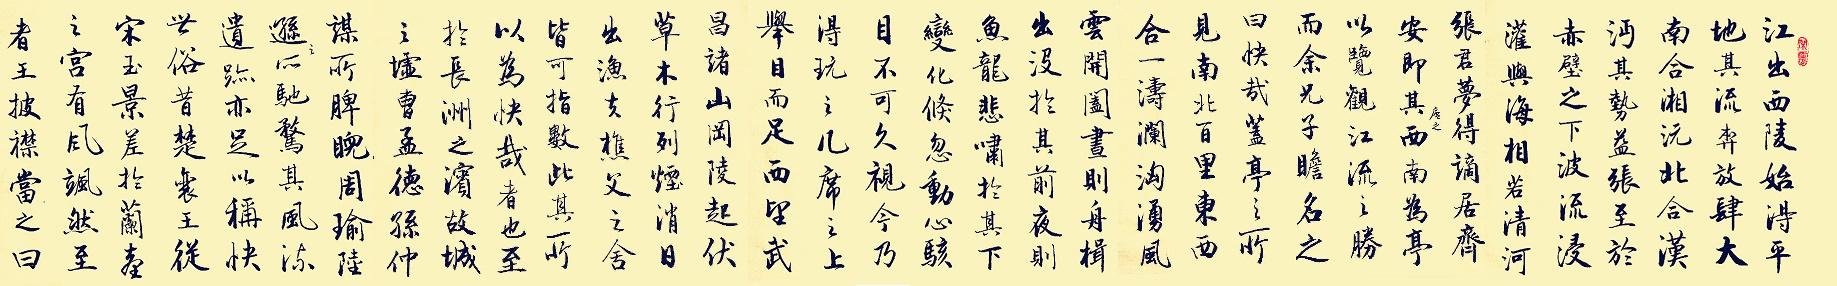 《黄州快哉亭记》苏辙文言文原文注释翻译